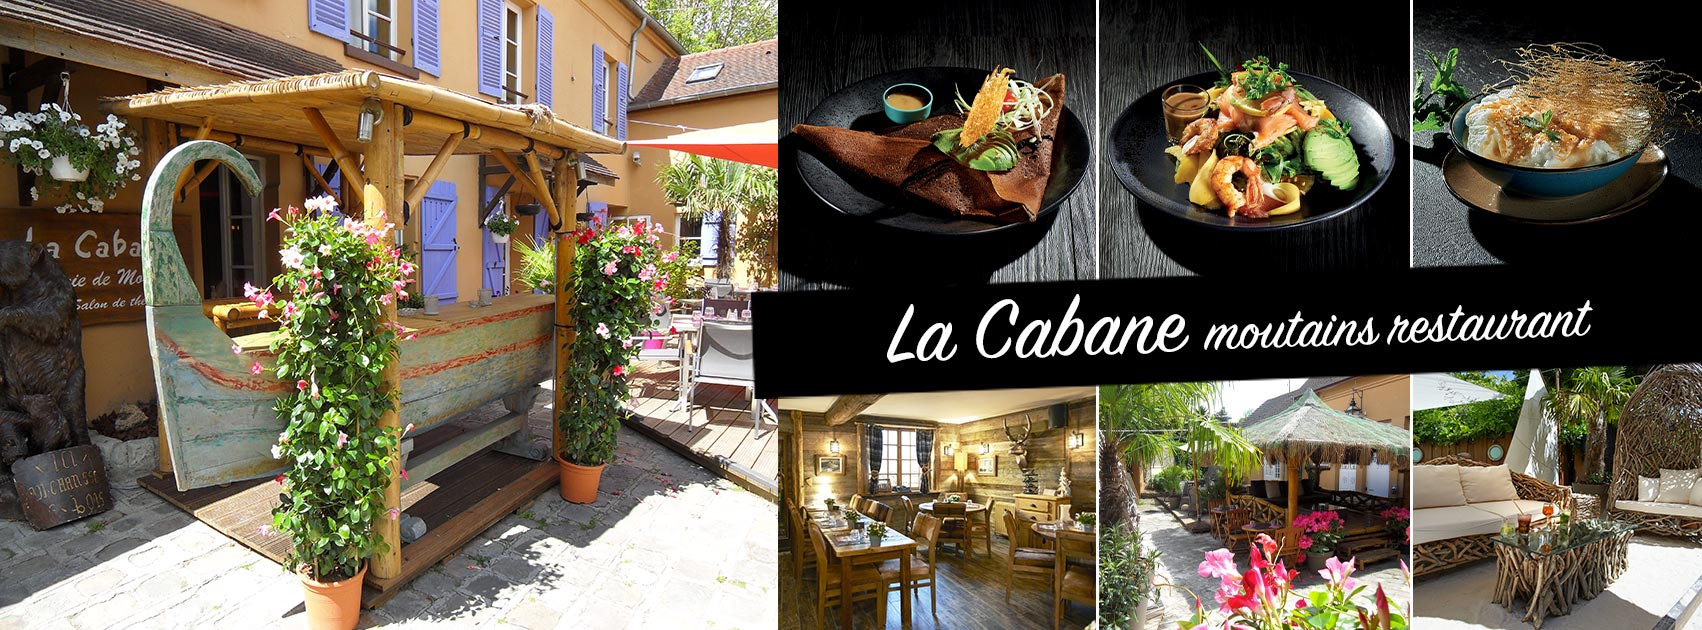 La Cabane moutains restaurant